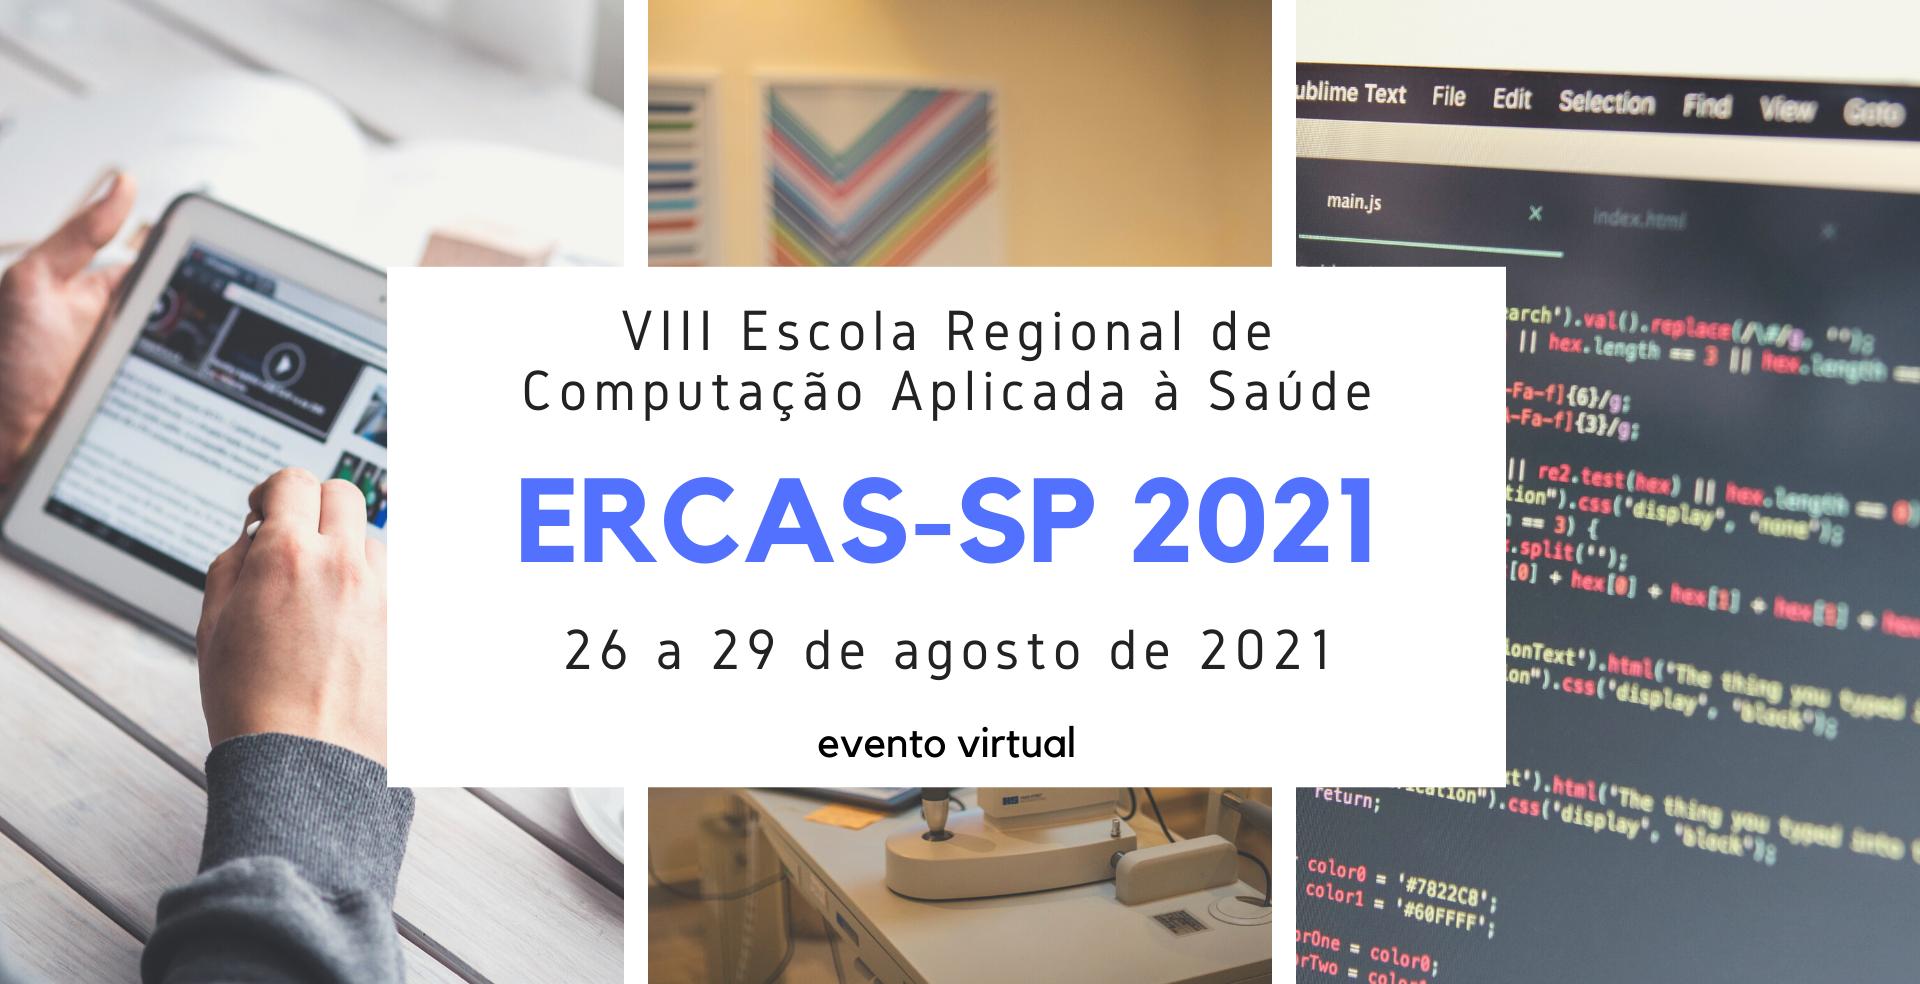 ERCAS-SP 2021